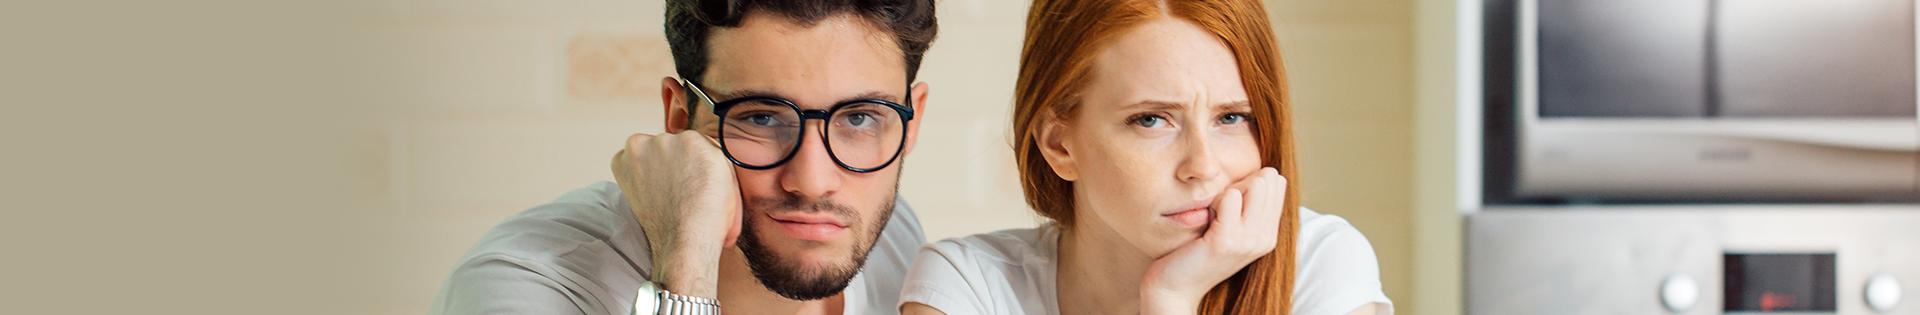 Quando acontece a ISCA (infertilidade sem causa aparente)?